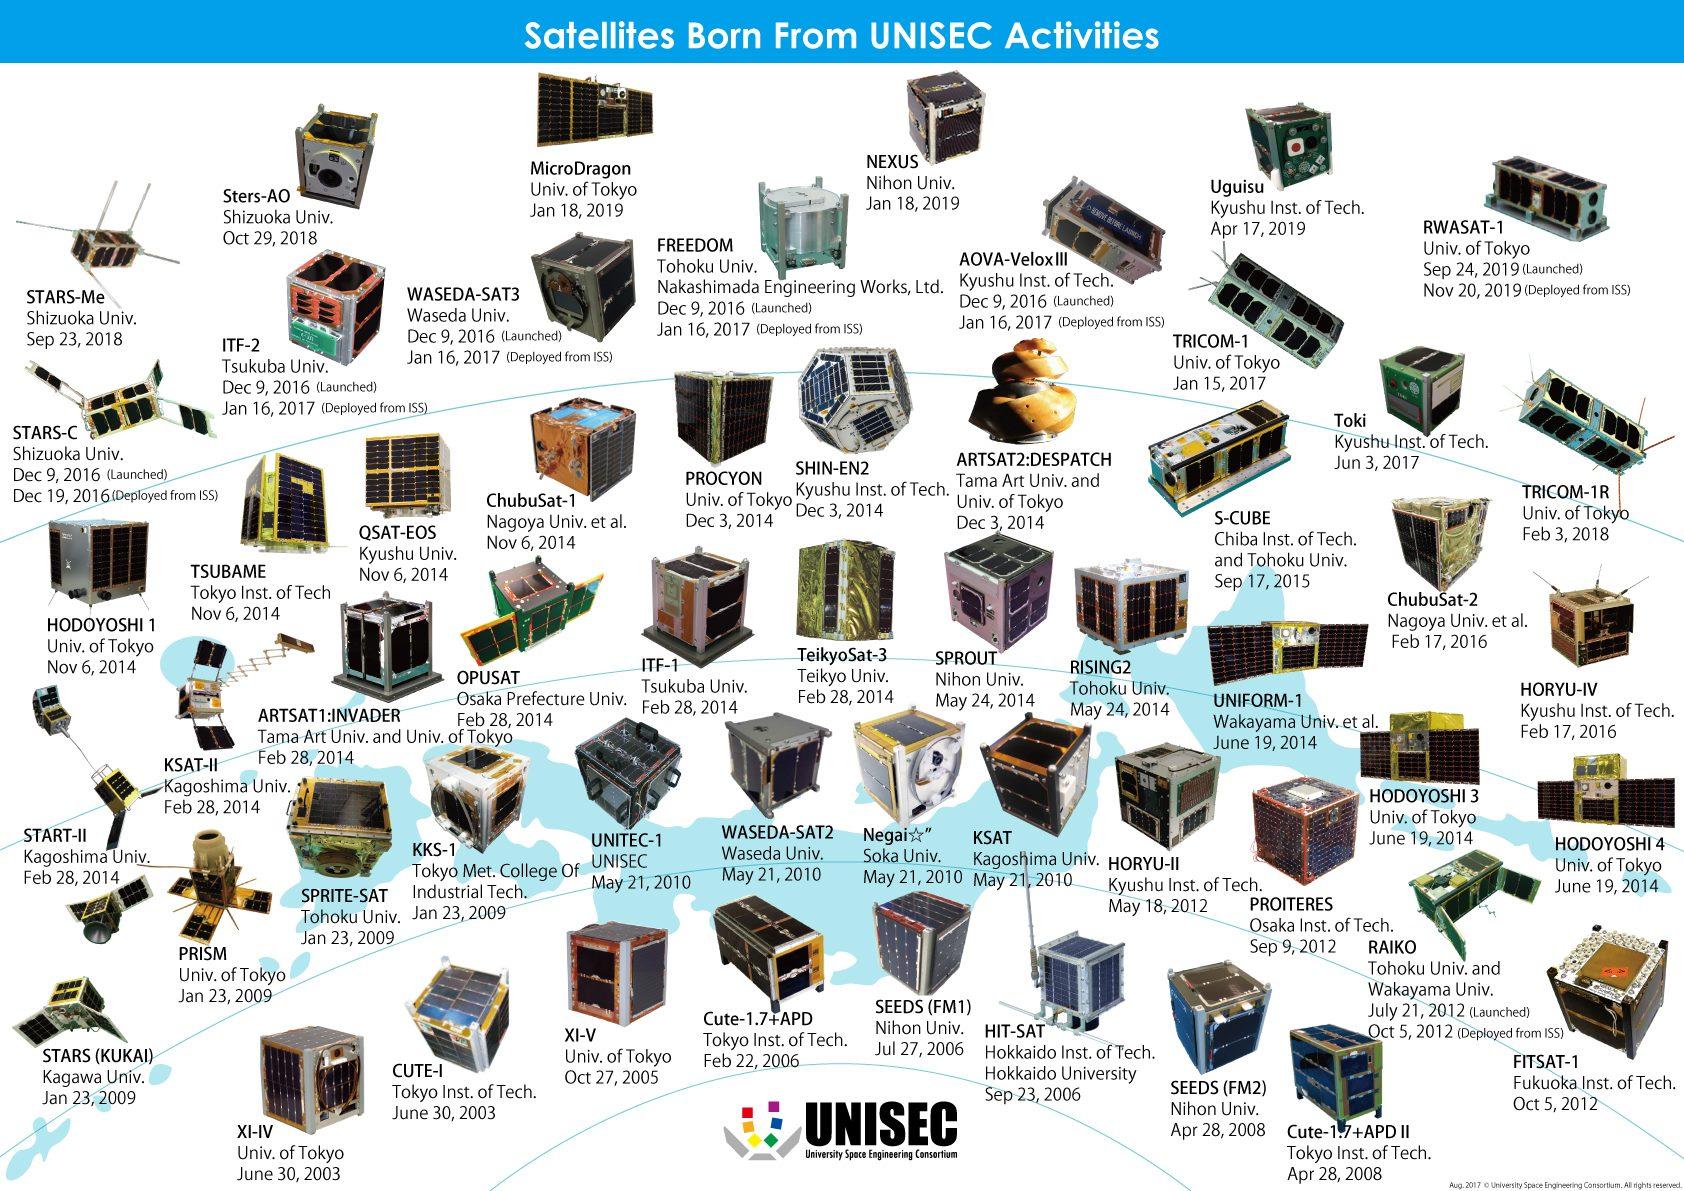 UNISEC生まれの超小型衛星